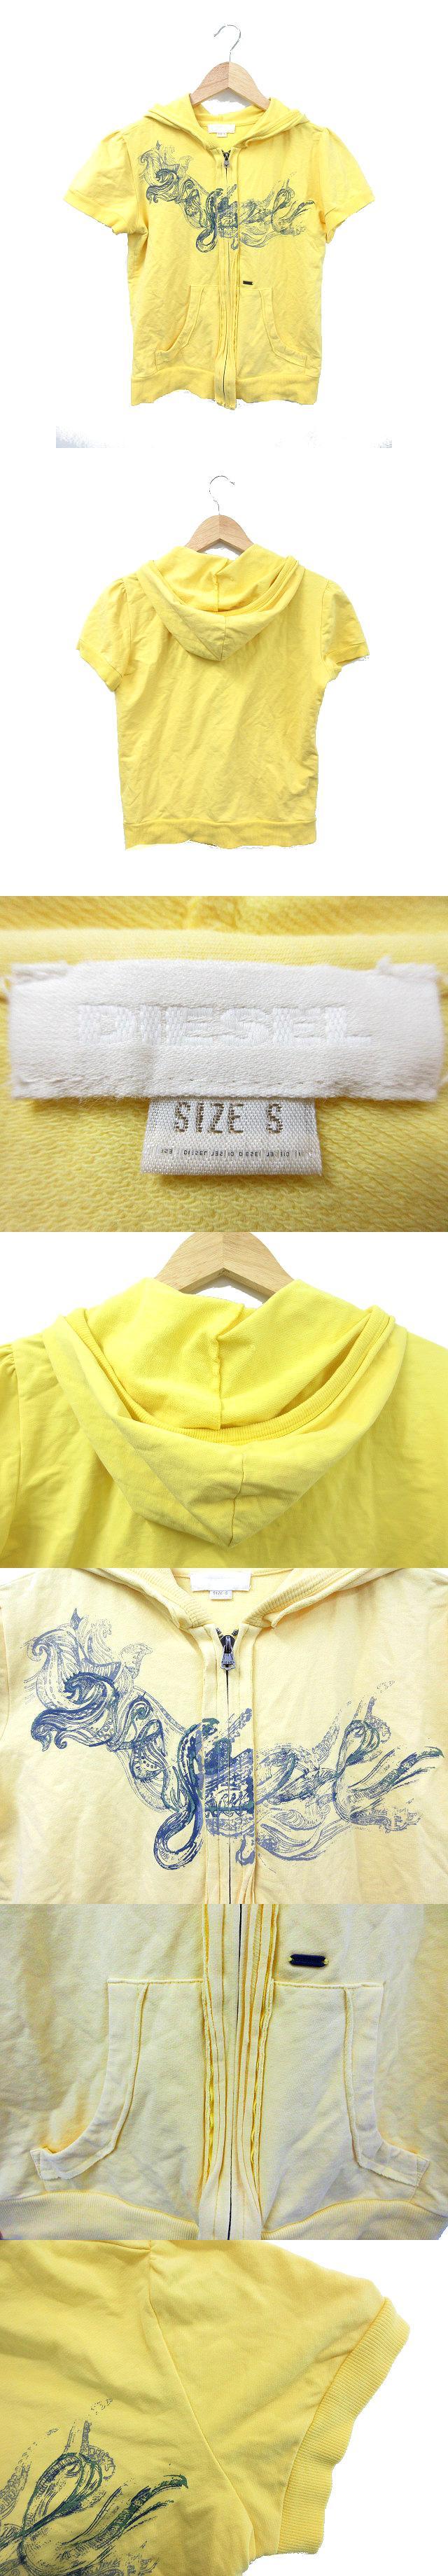 パーカー 半袖 ジップアップ プリント S 黄色 イエロー /TM14